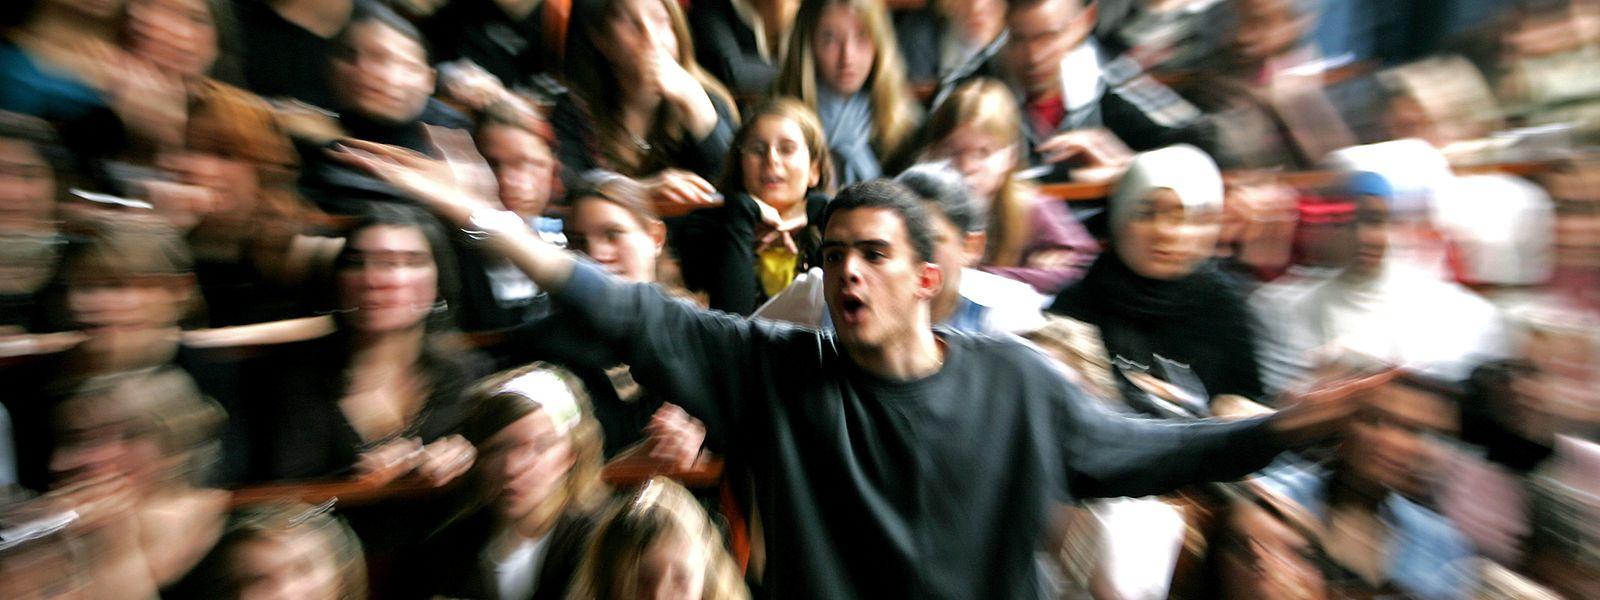 Les fêtes des étudiants belges peuvent-elles encore entonner des chants discriminants? La tradition ne justifie pas tout.